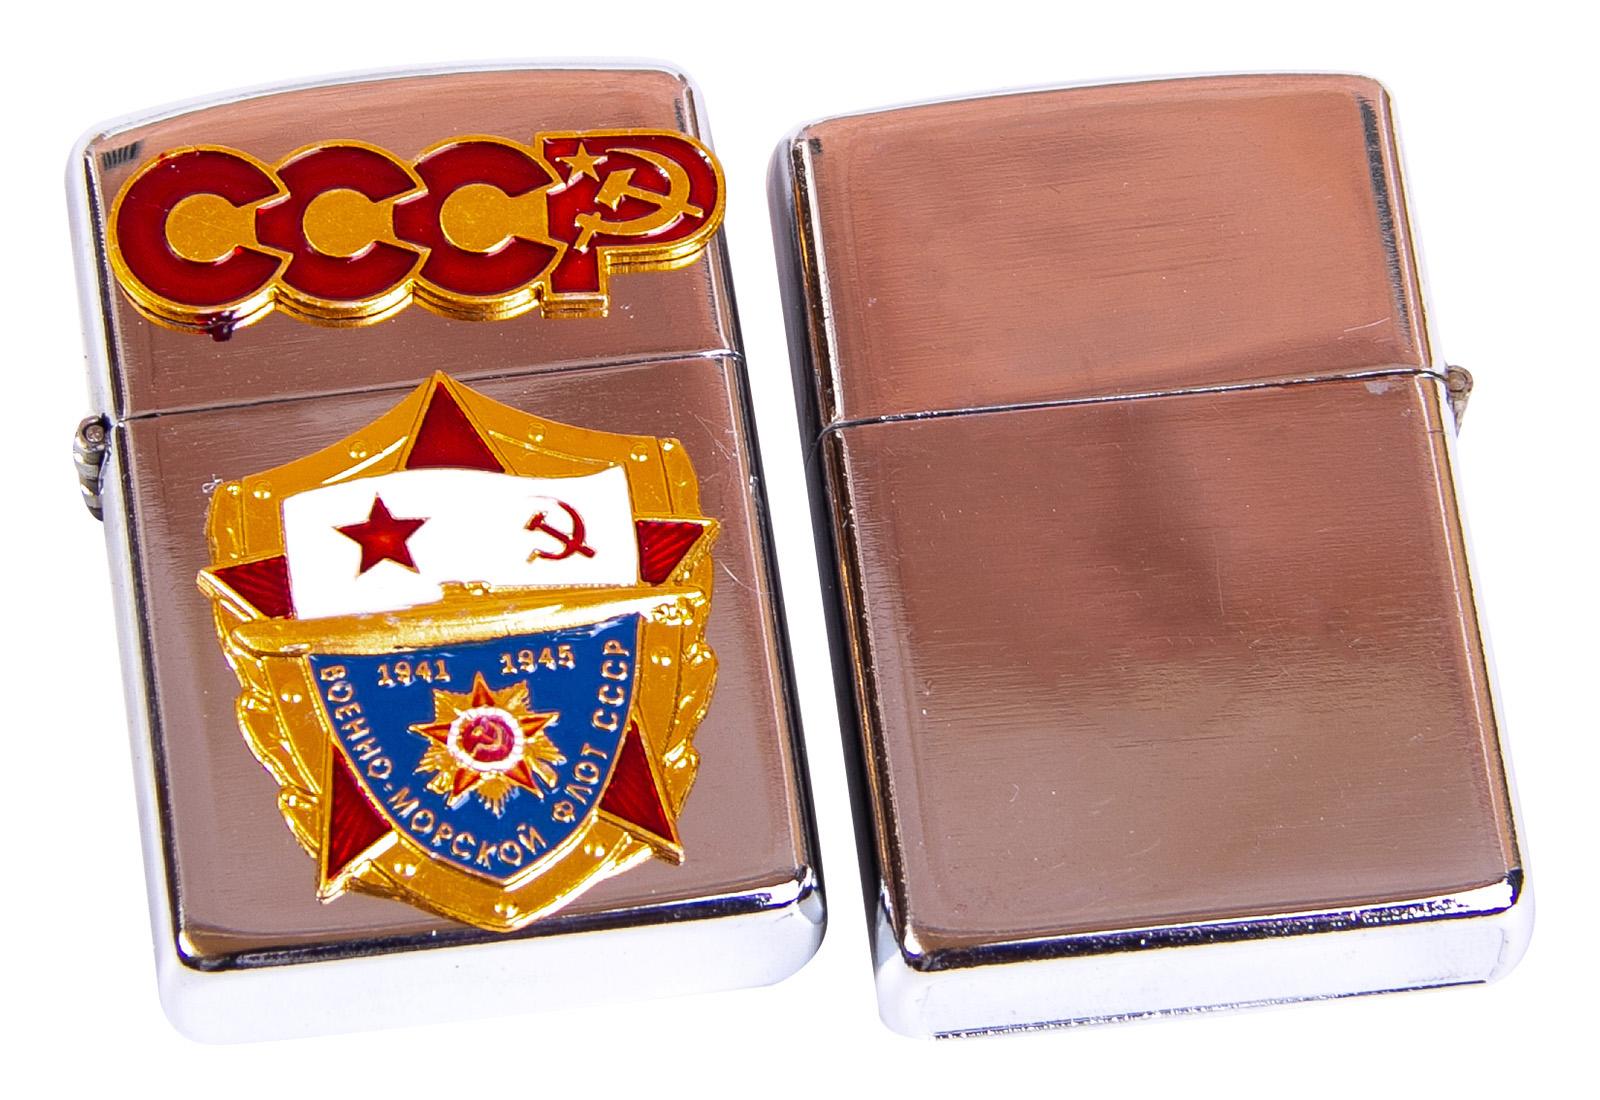 Безотказная бензиновая зажигалка ВМФ СССР с доставкой